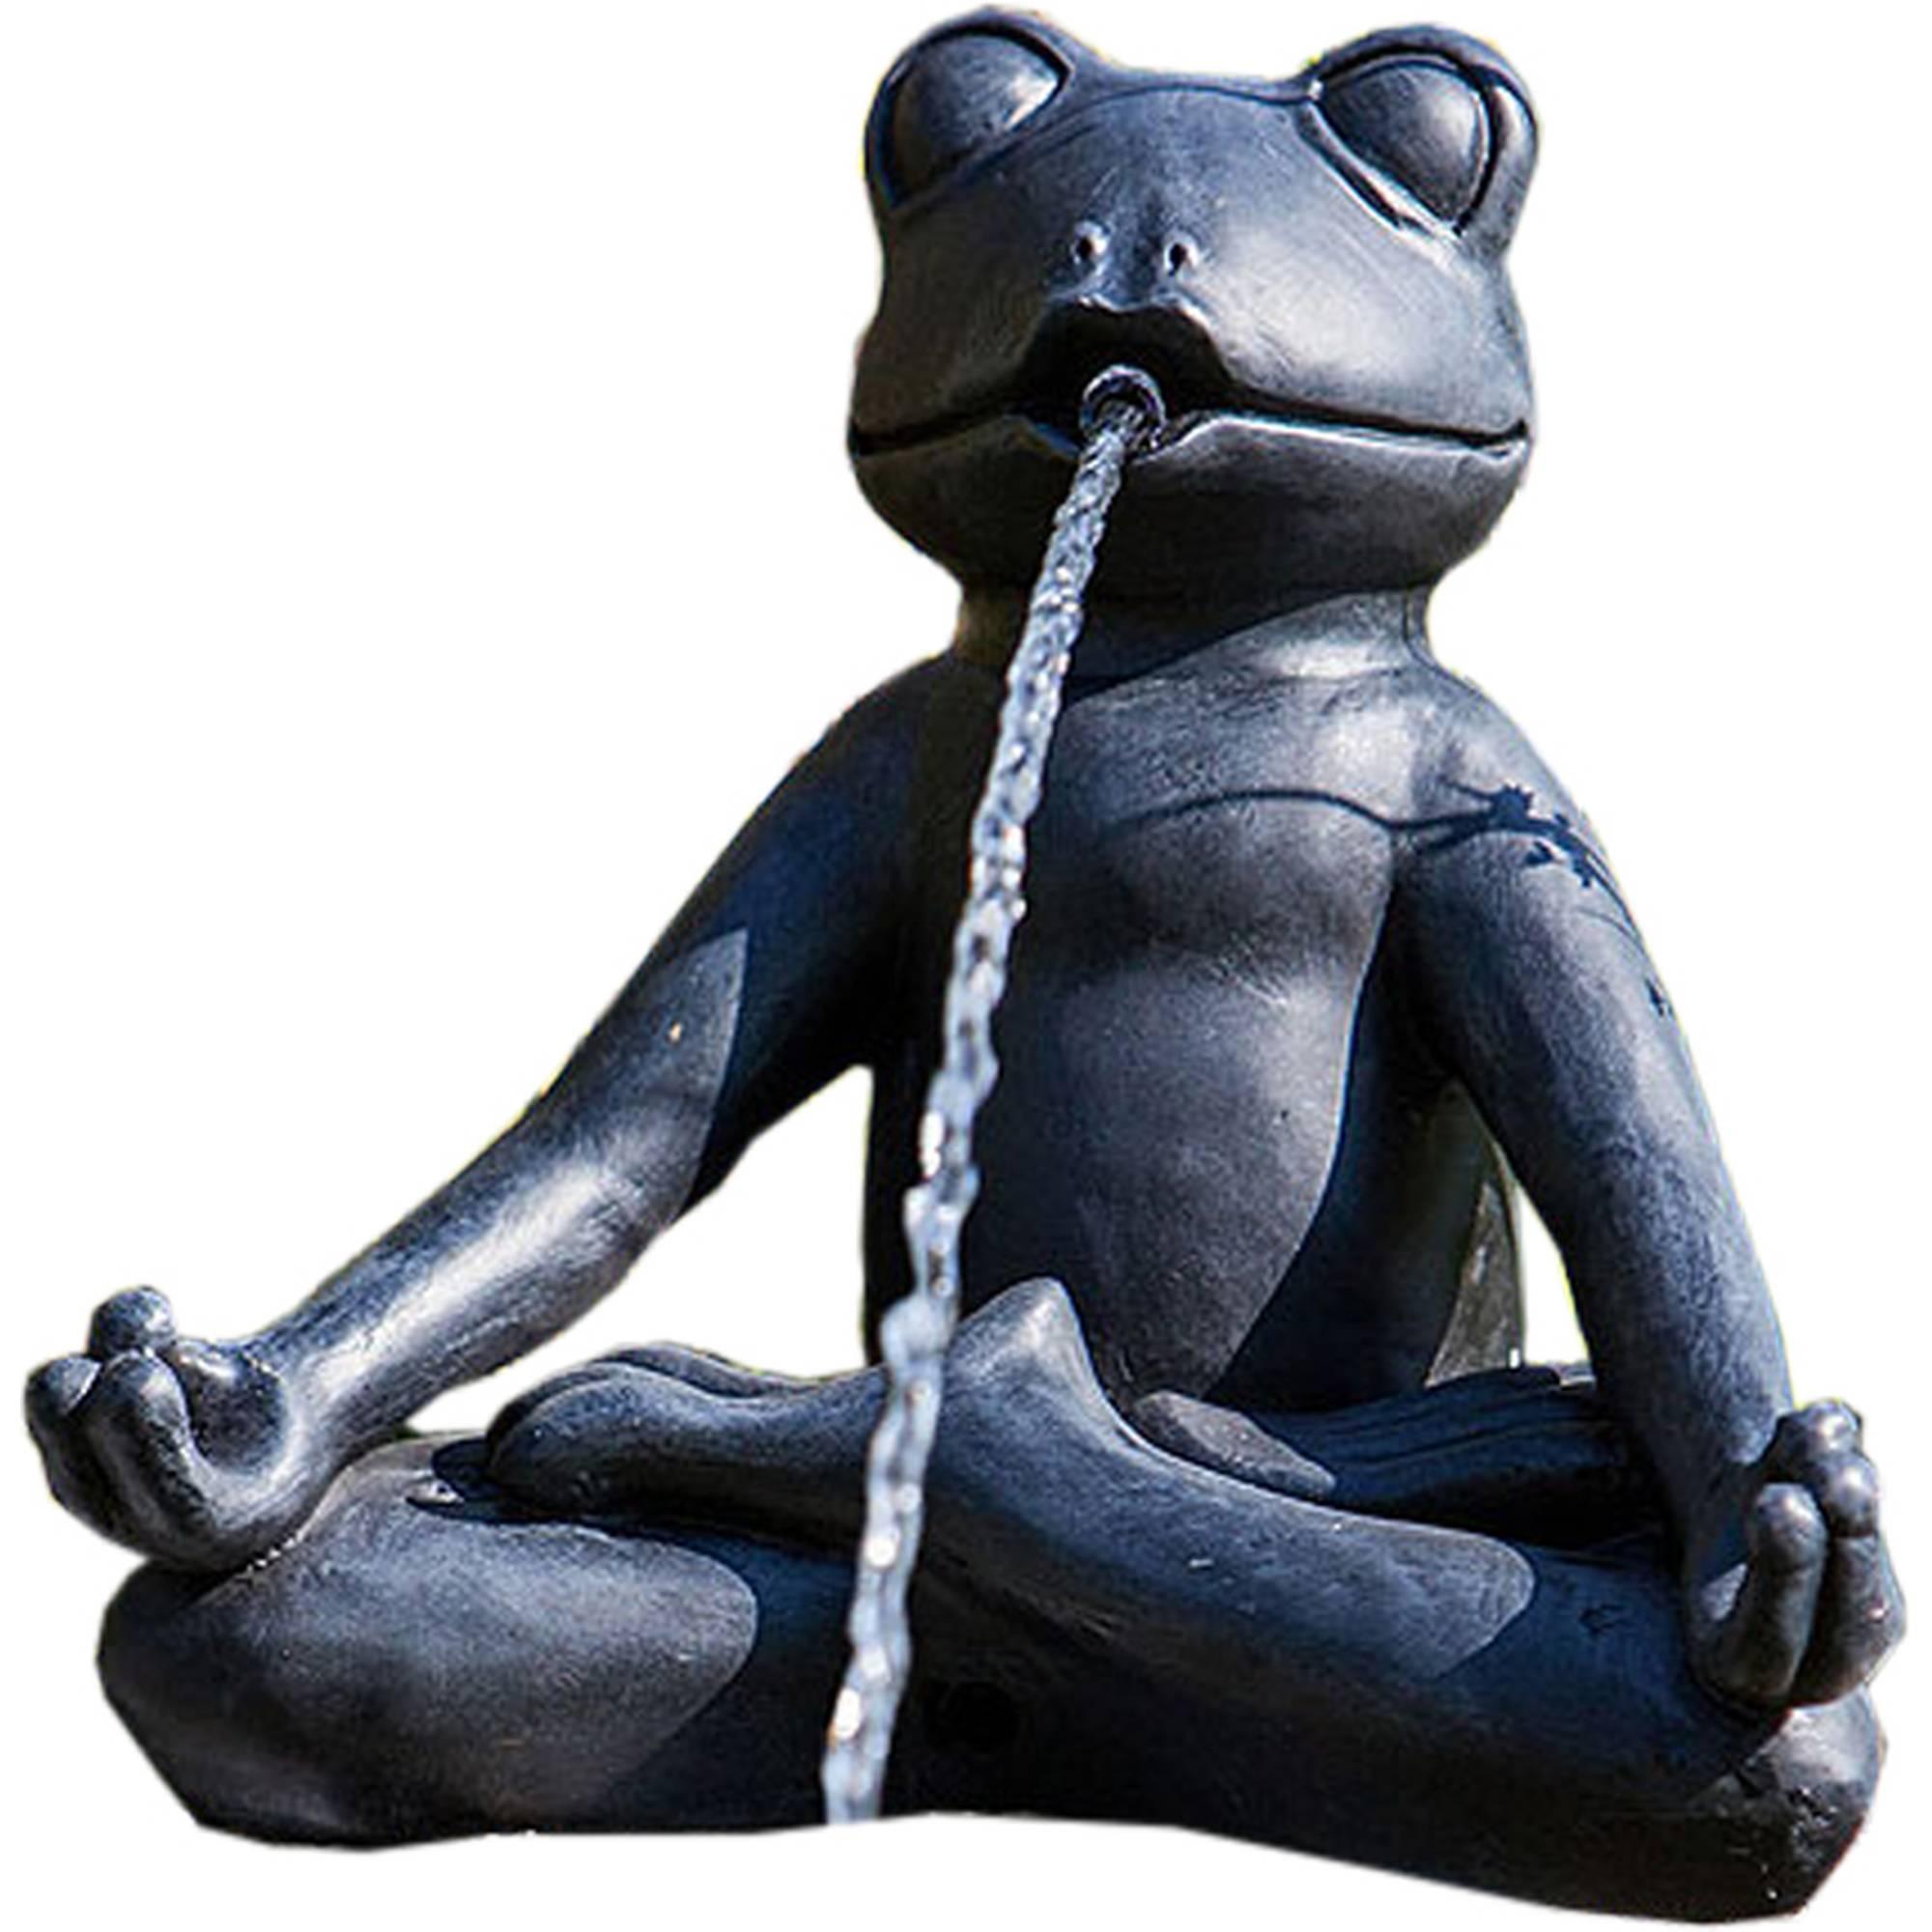 Teichfigur Yoga-Frosch im Schneidersitz meditierend